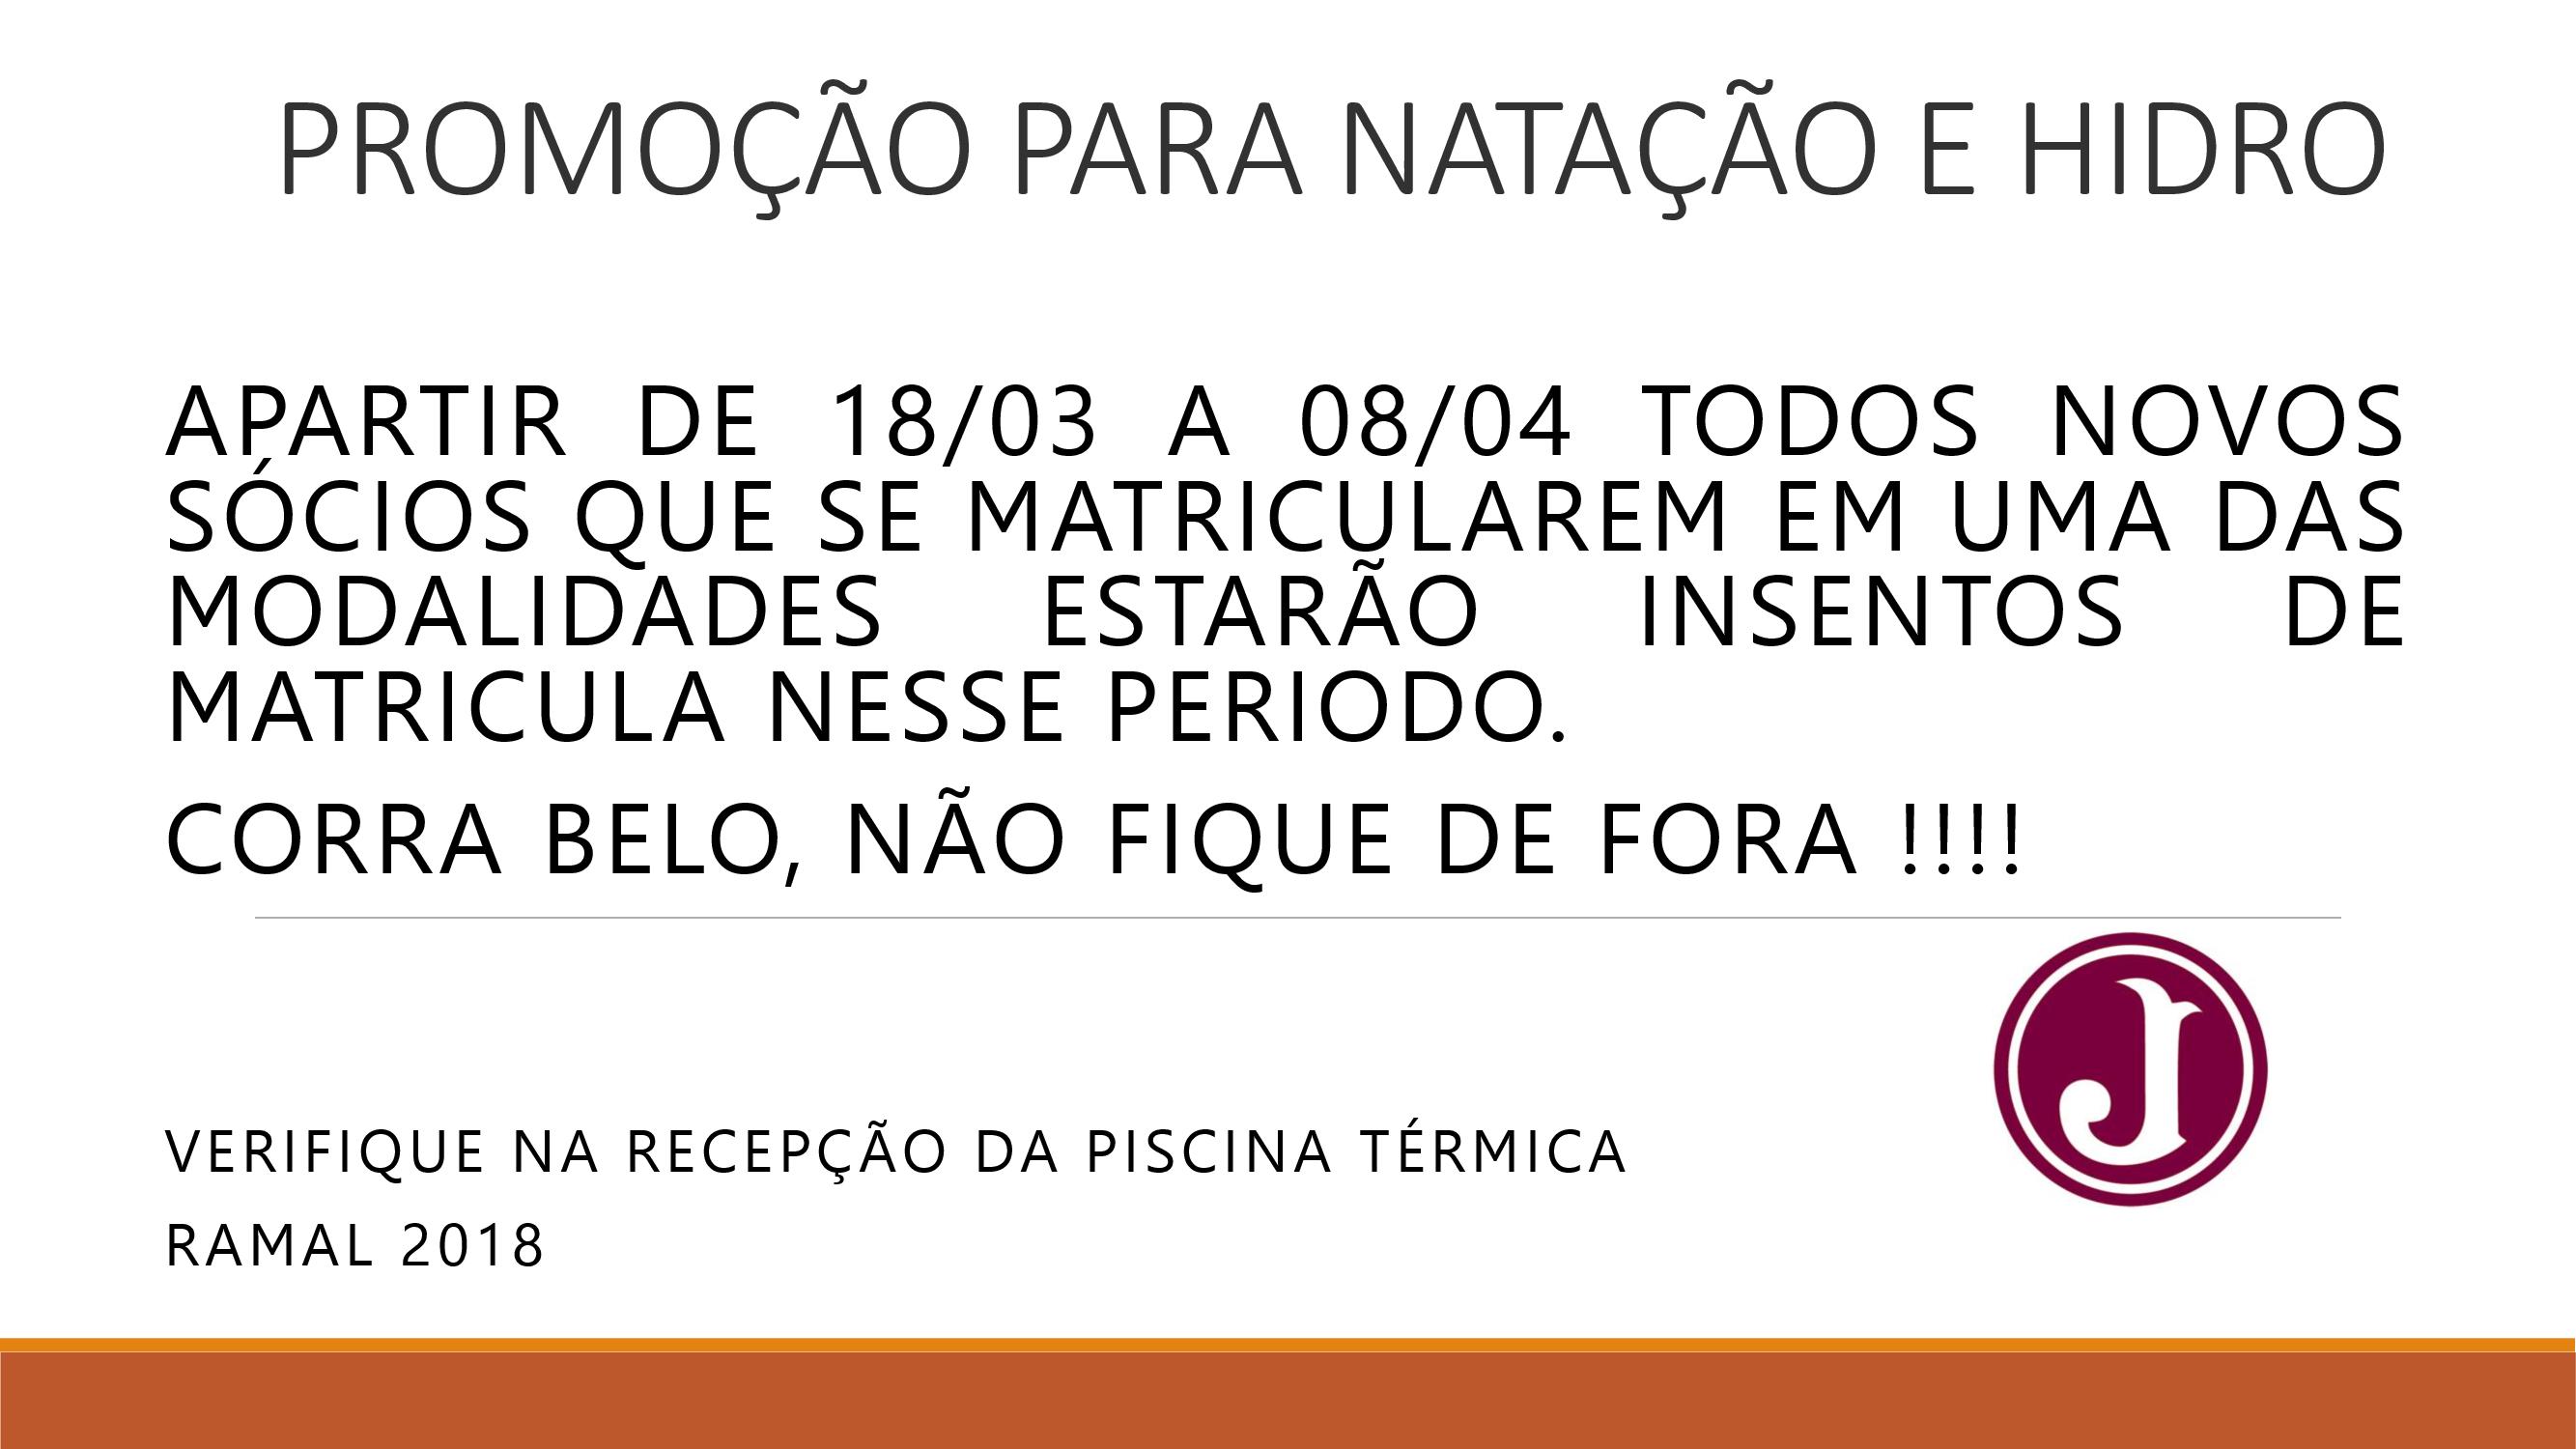 PROMOÇÃO-PARA-NATAÇÃO-E-HIDRO